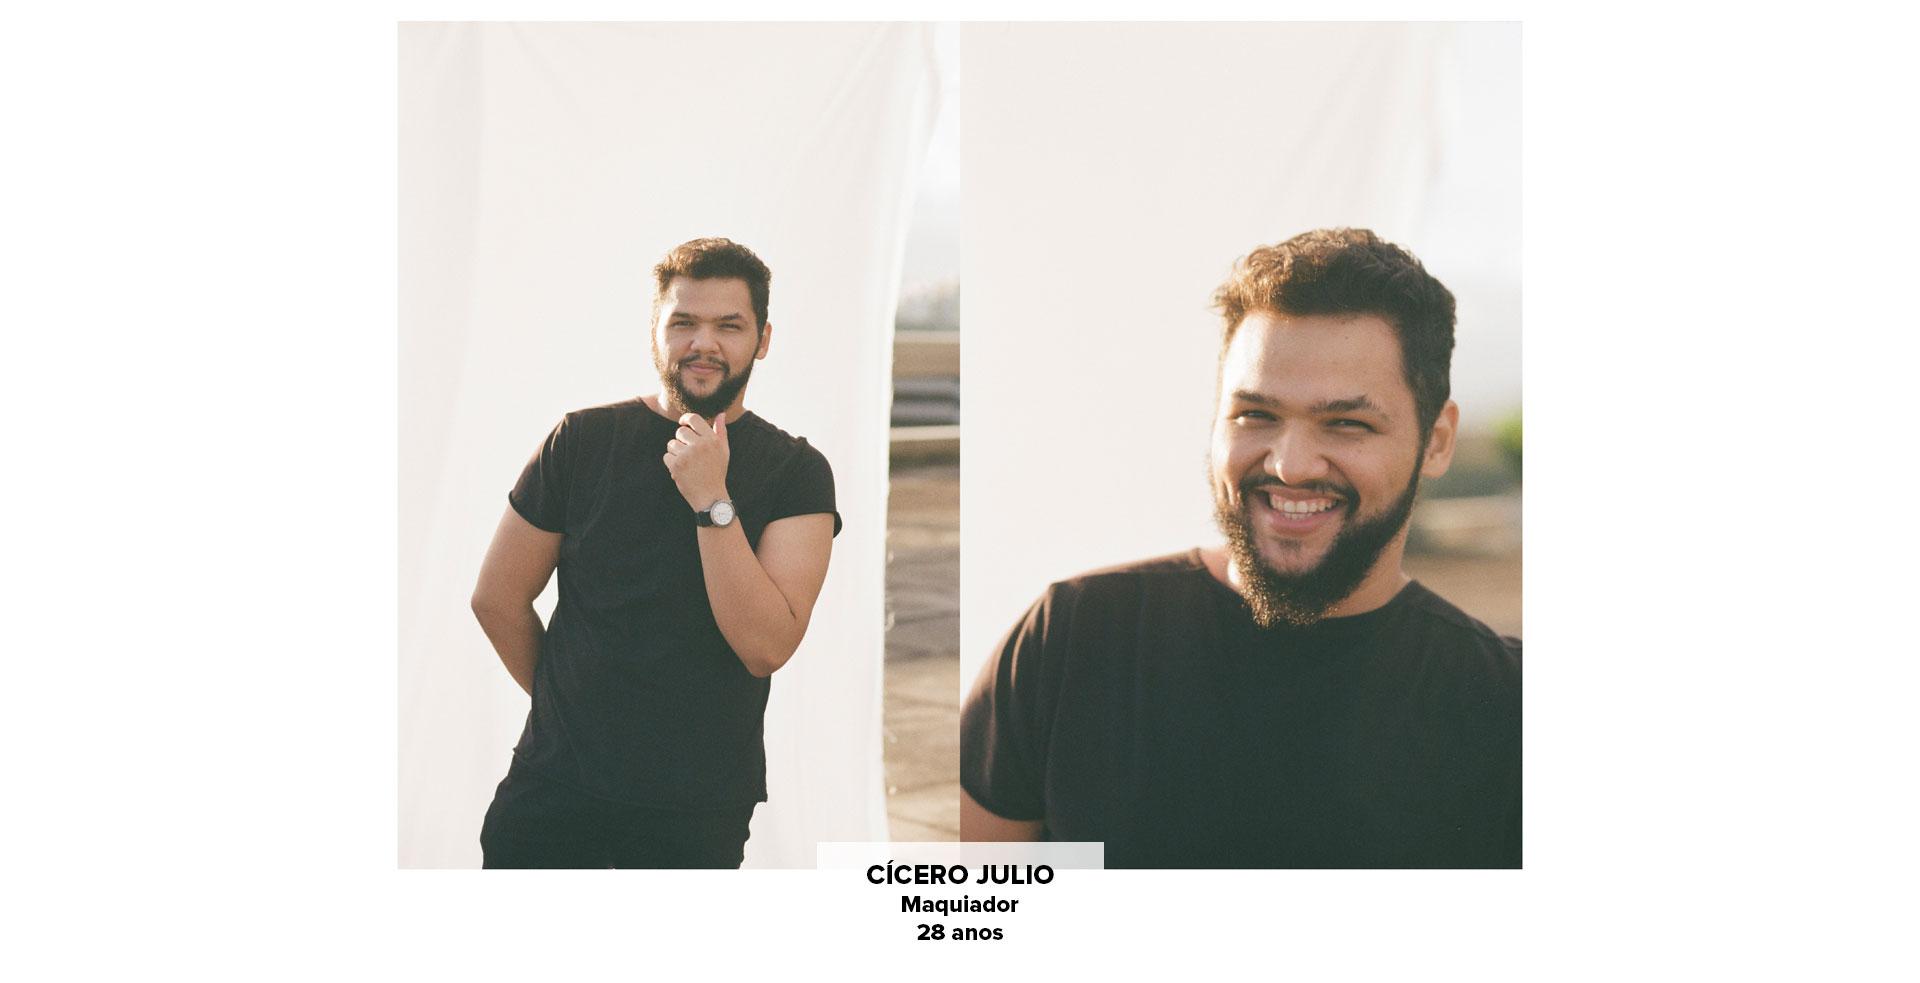 Cícero Julio